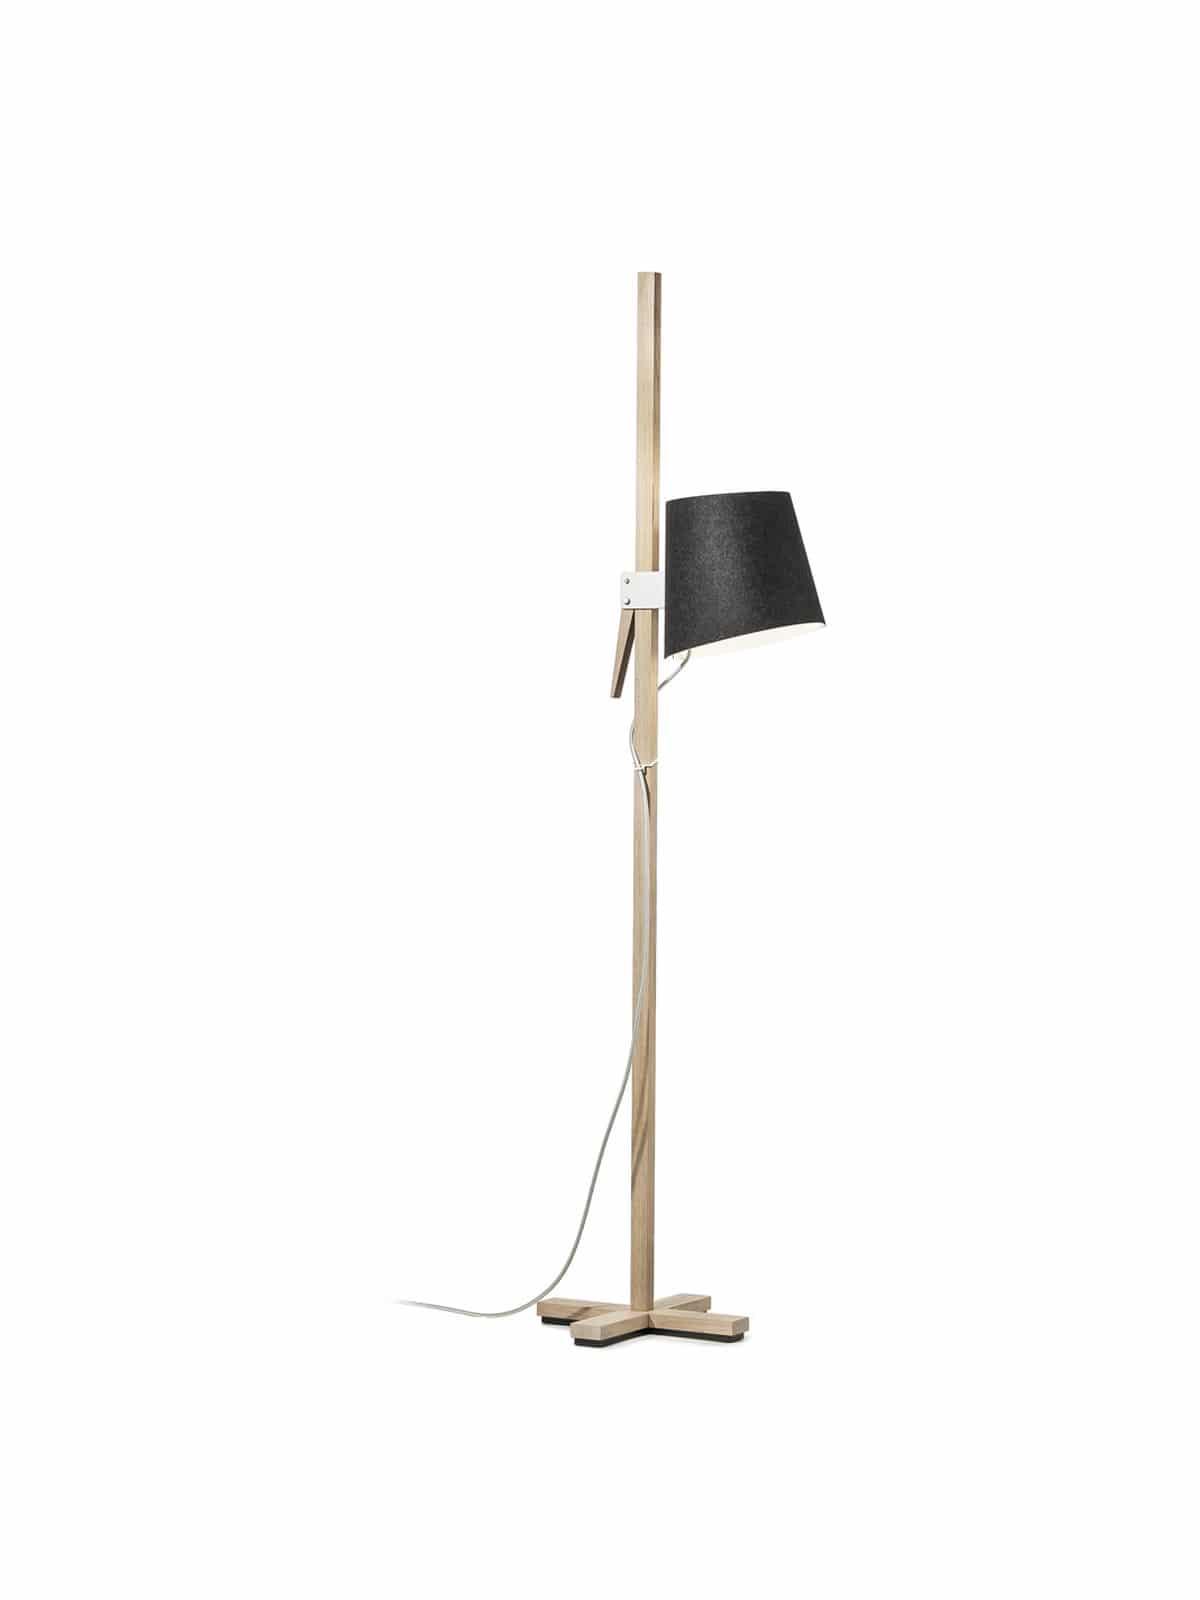 Stehlampe Croiz von Domus online kaufen DesignOrt Berlin